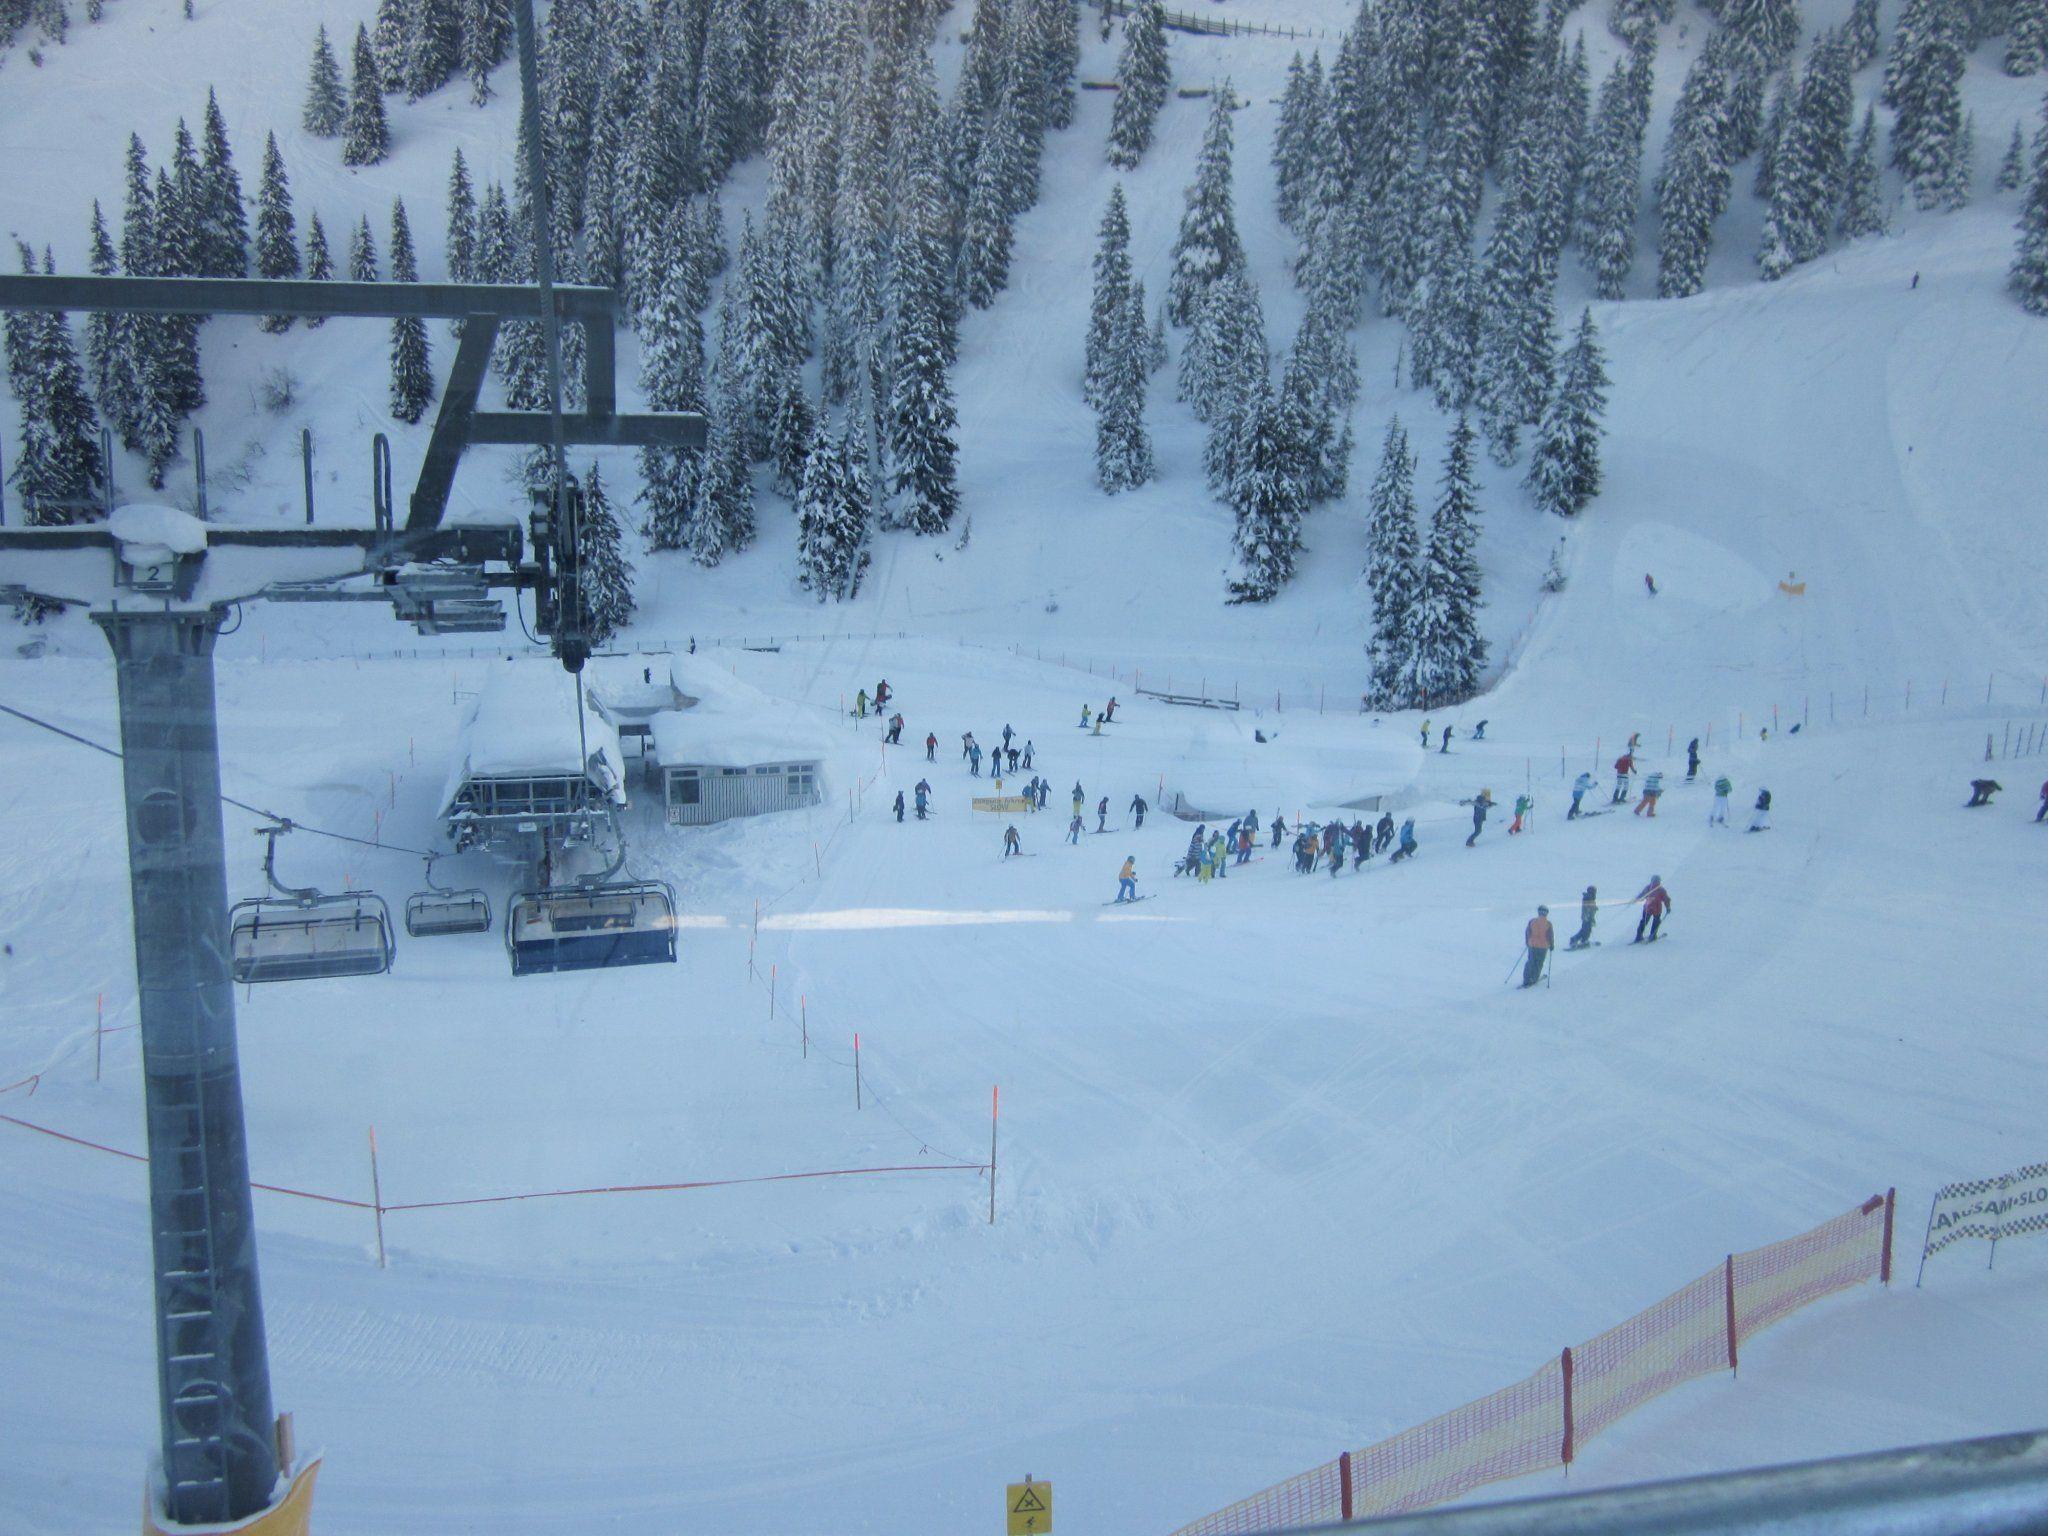 Skifahrer mussten von den Liften evakuiert werden.